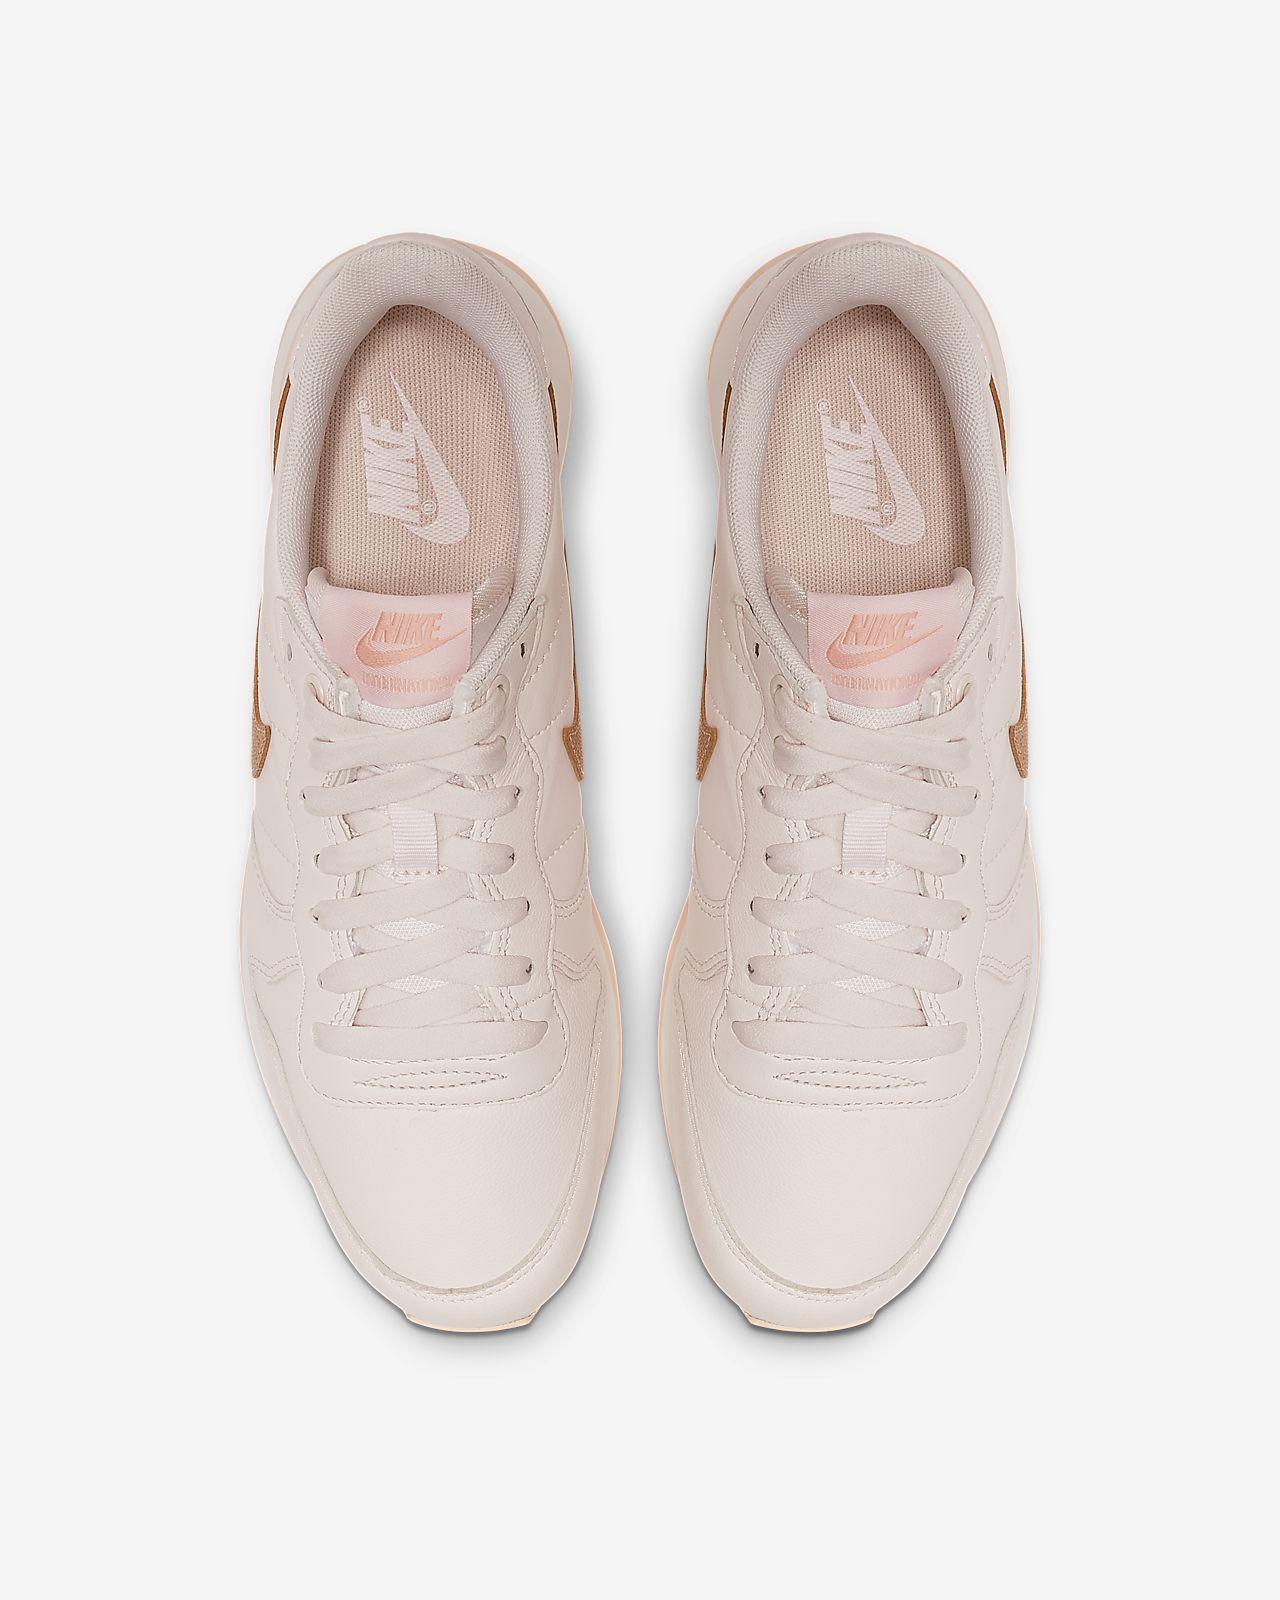 Femme Premium Pour Chaussure Nike Internationalist CdxrBoeW